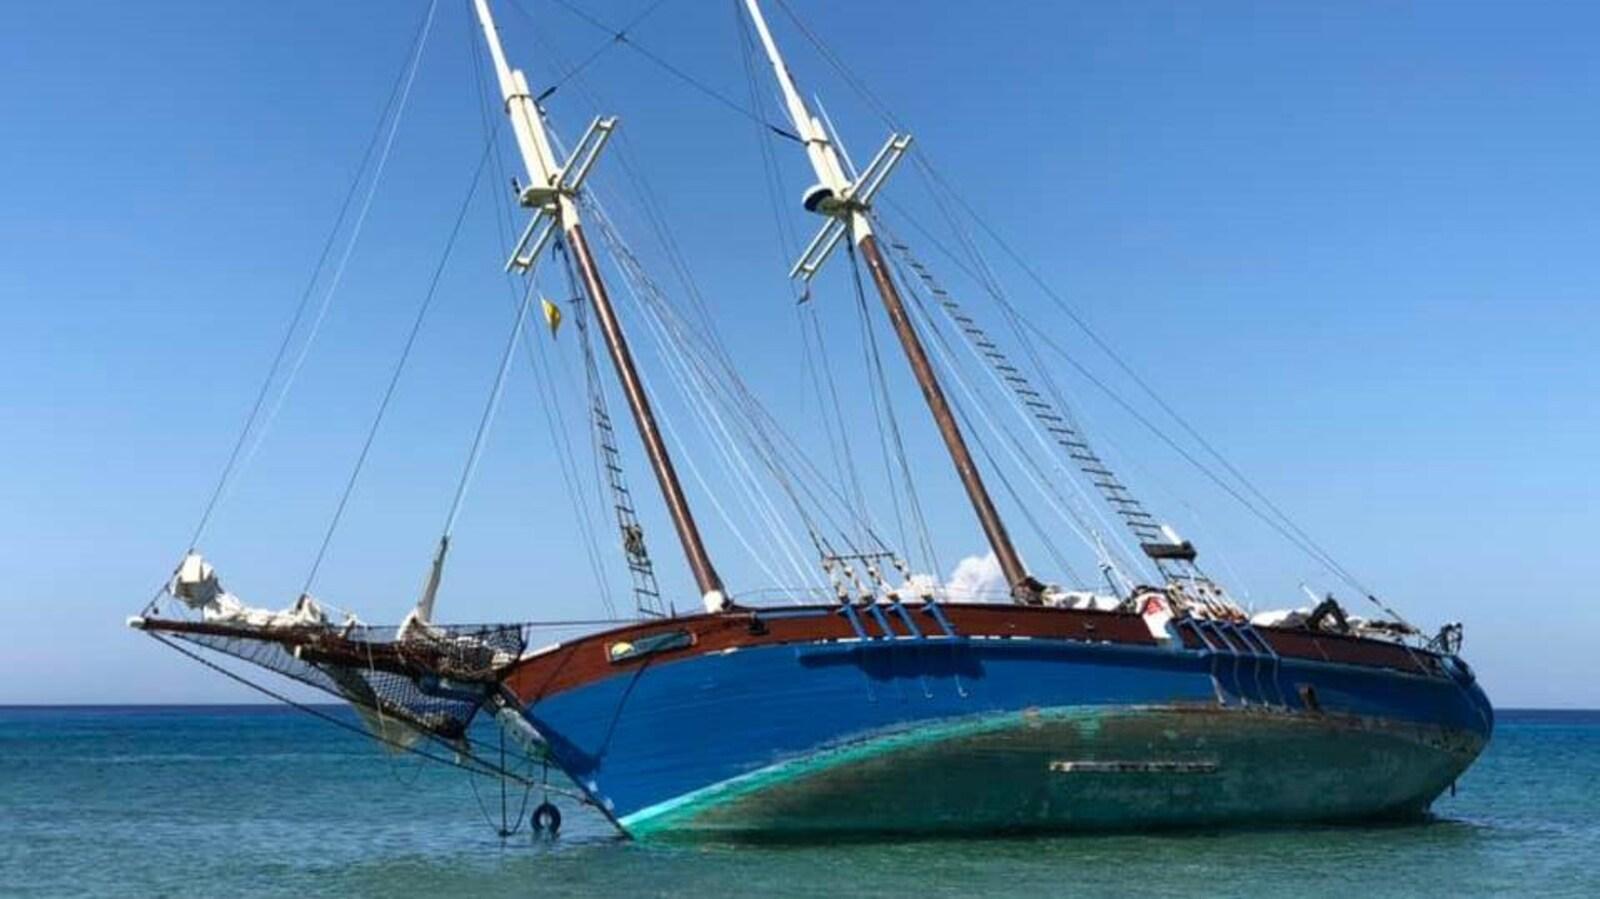 La goélette Grosse-île s'est échouée à Cuba le 27 janvier dernier.